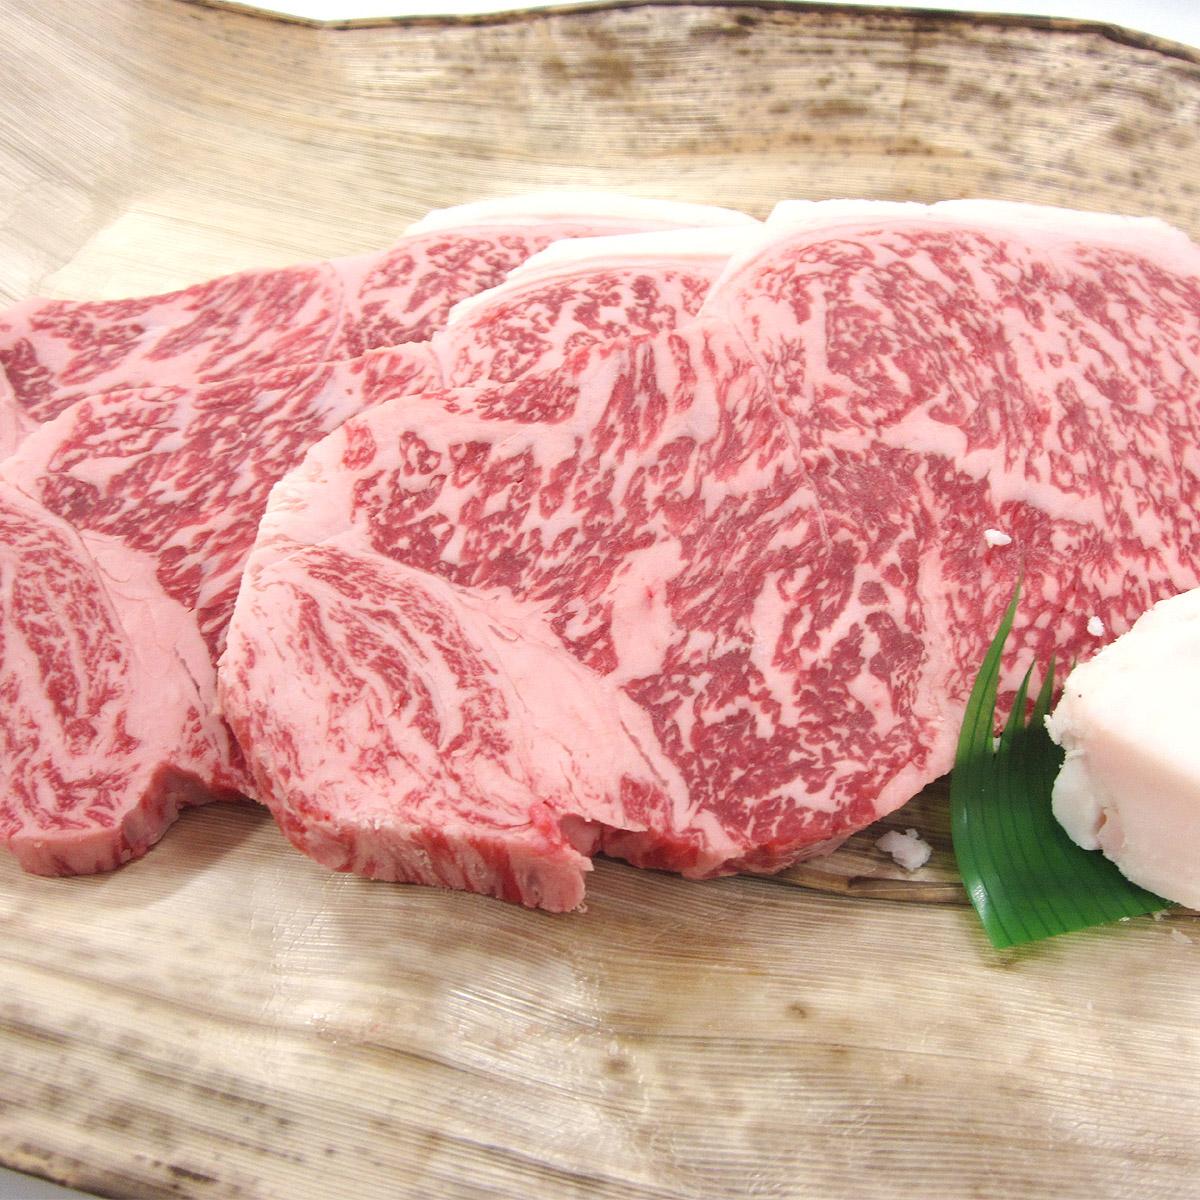 【ふるさと納税】「亀岡牛」サーロインステーキ 3枚(600g)